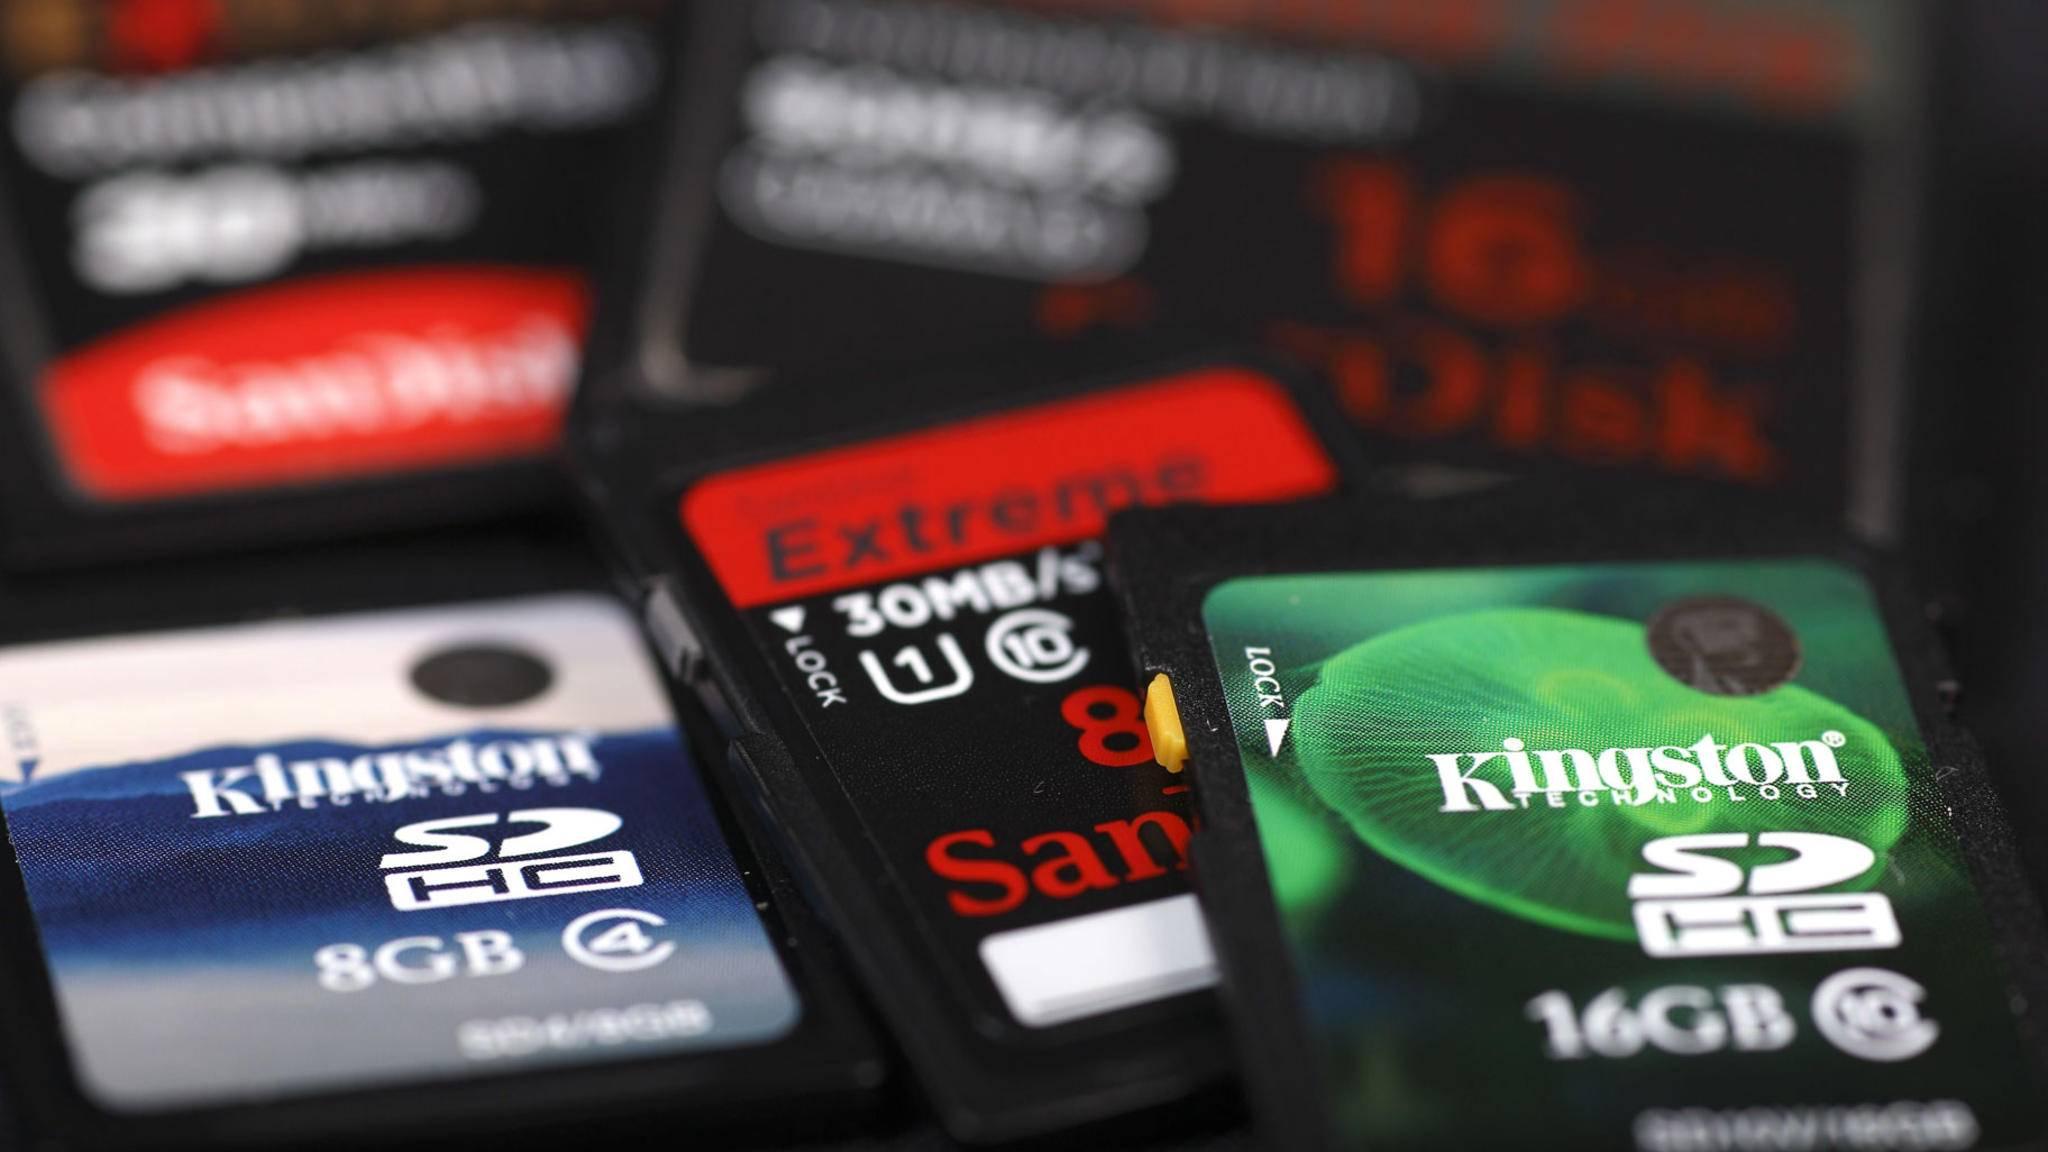 Speicherkarten klonen? Mit kostenlosen Programmen kein Problem.